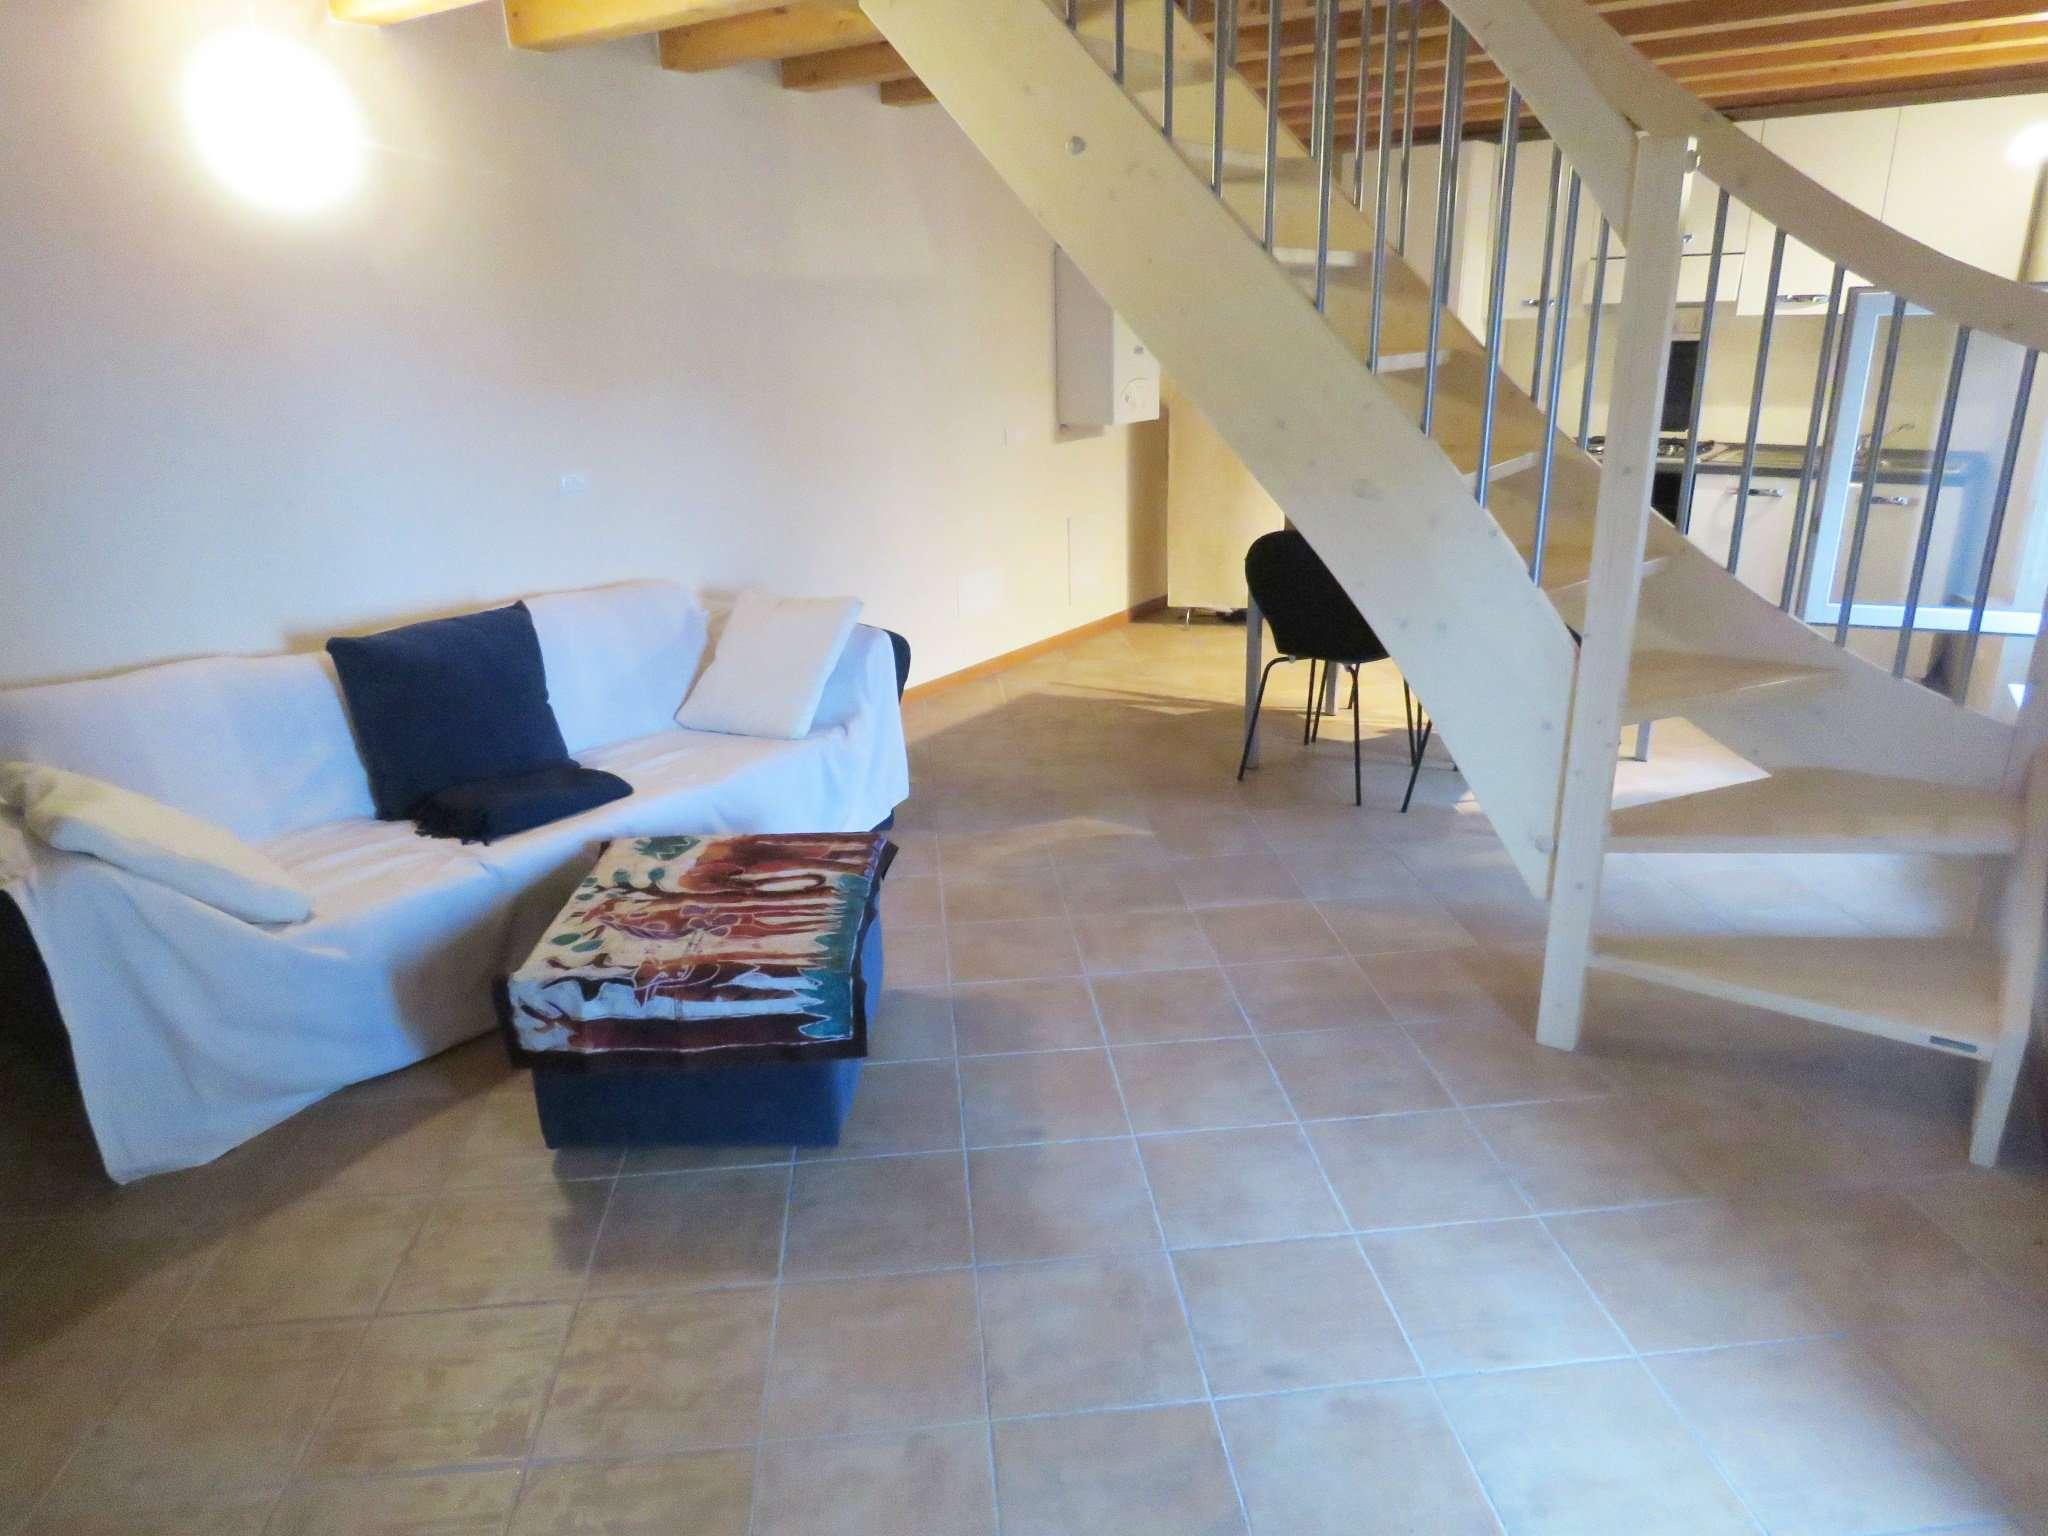 Attico ristrutturato su due piani nell'idilliaco San Zeno di Montagna